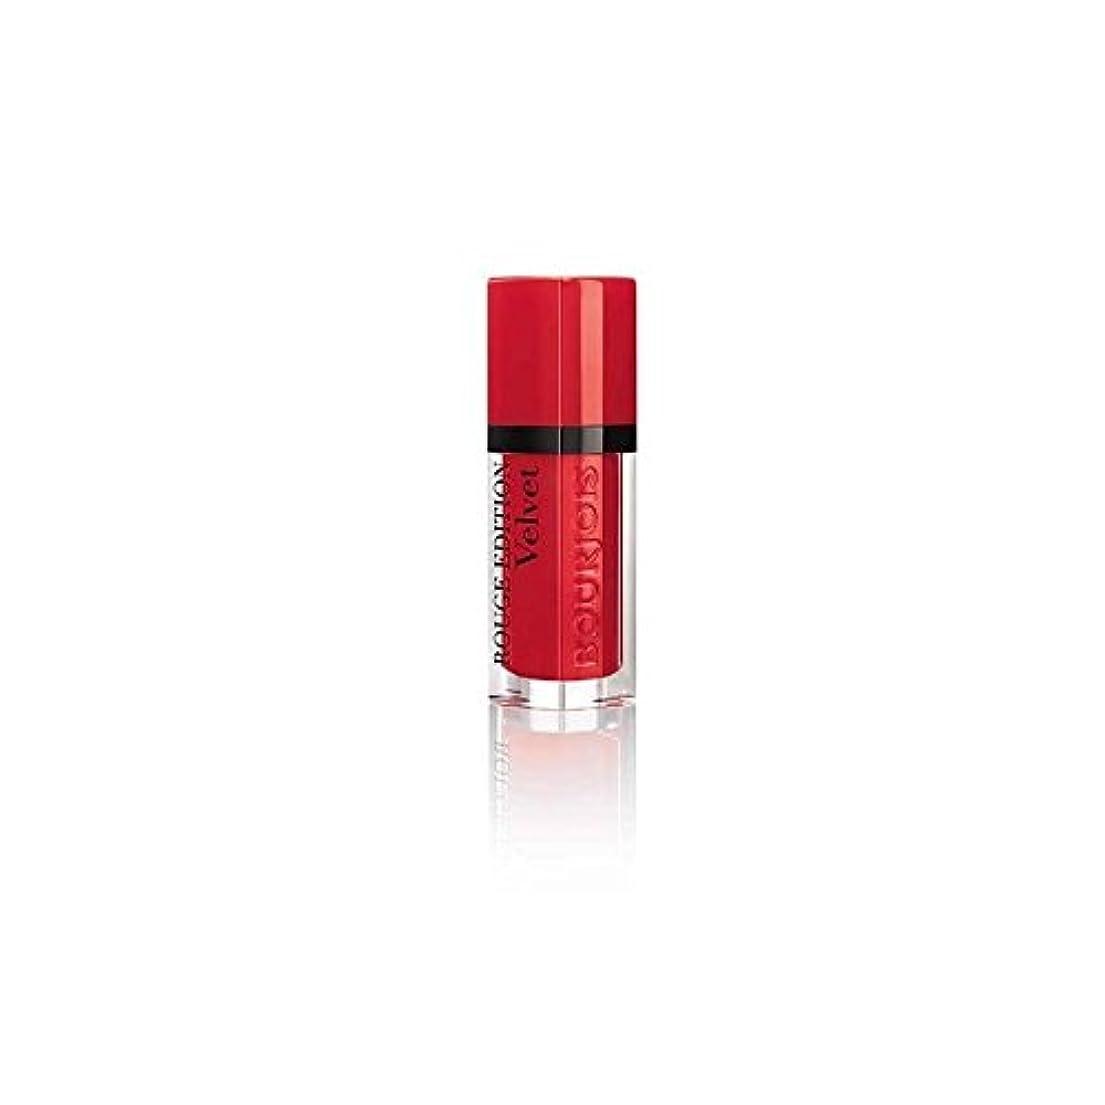 嫌がらせ古くなった駐地Bourjois Rouge Edition Velvet Lipstick It's Redding Men 18 - ブルジョワルージュ版のベルベットの口紅は、それはレディングの男性18です [並行輸入品]